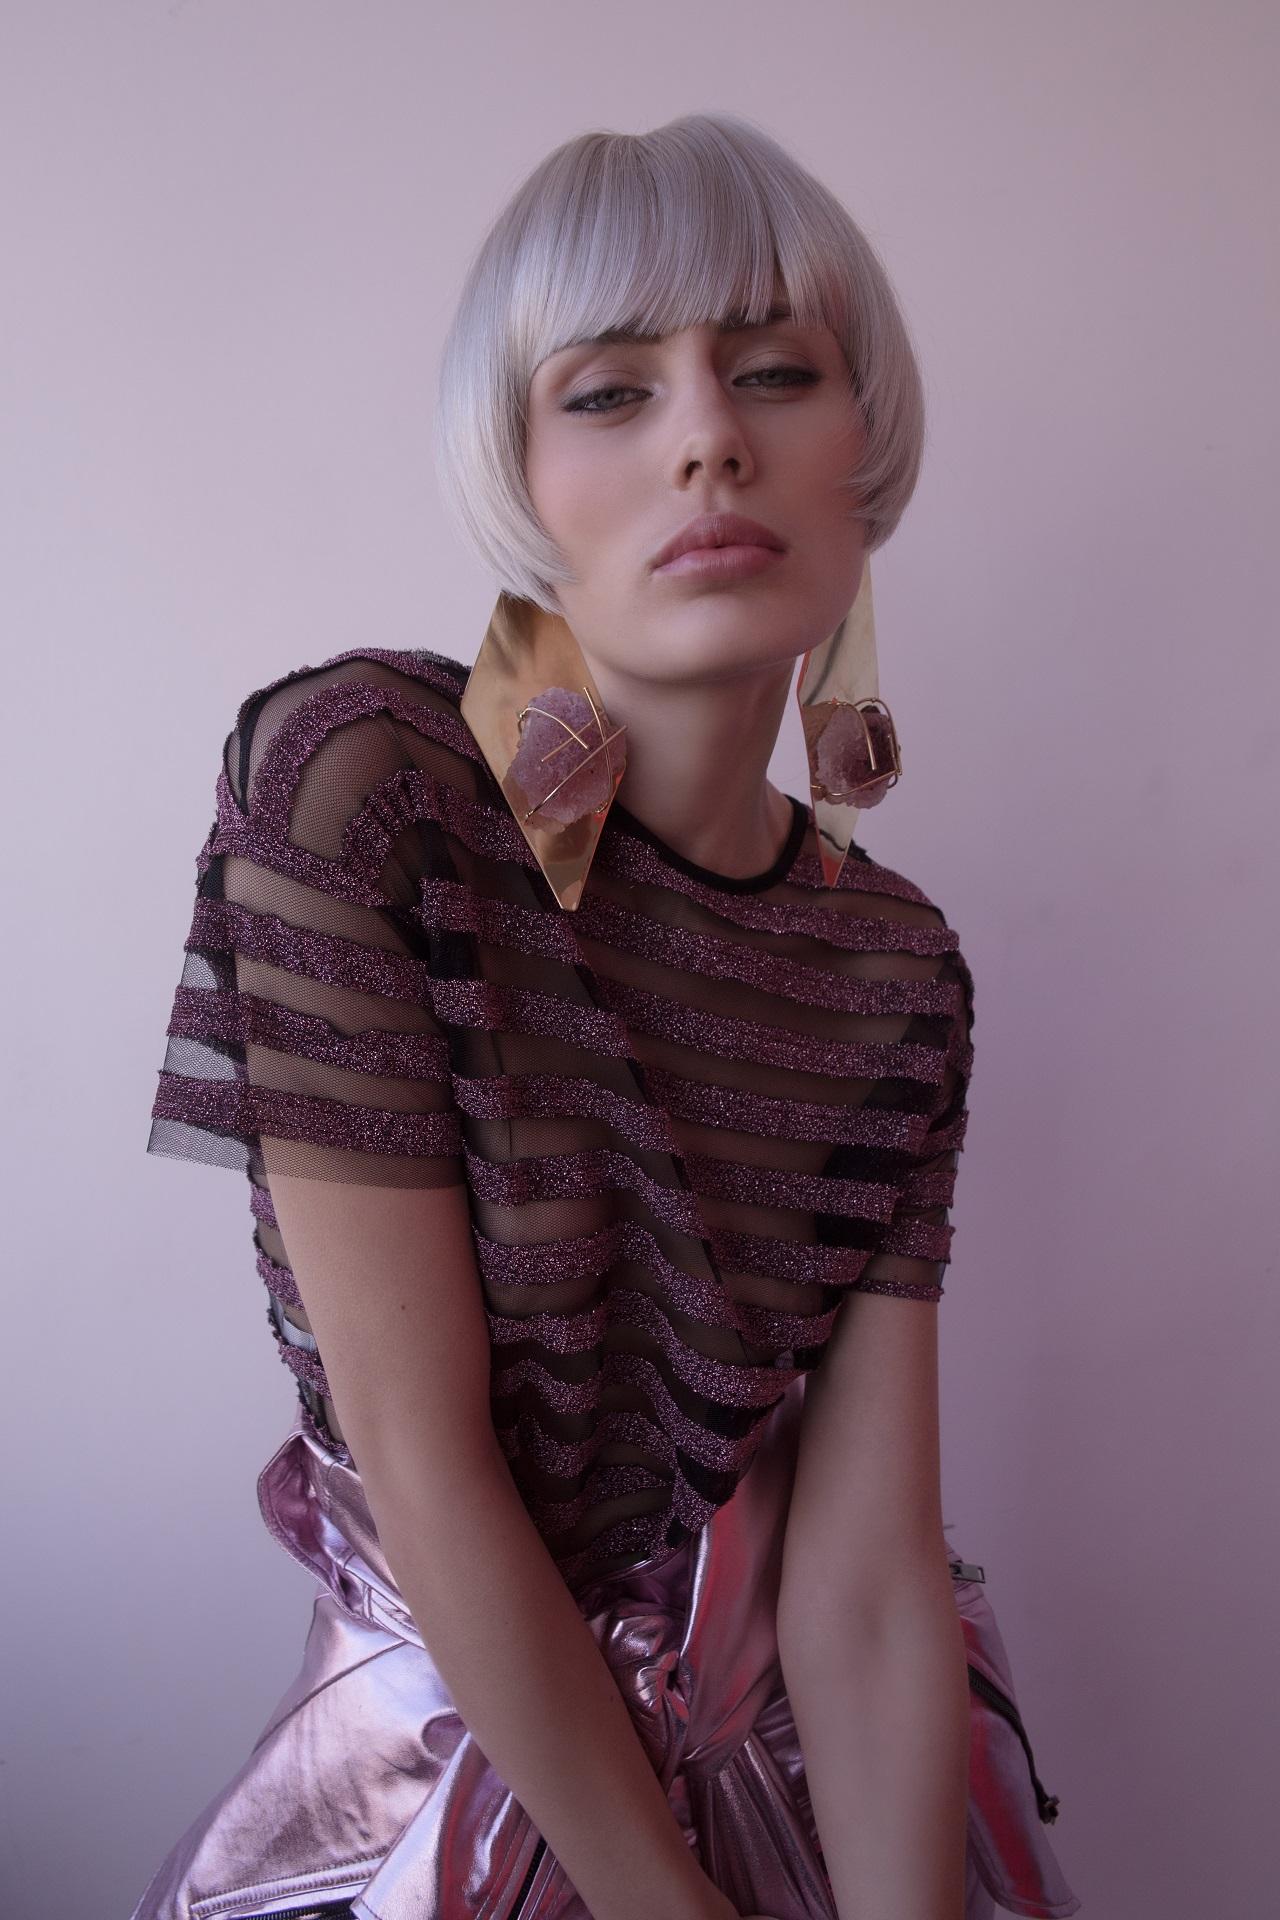 מעצב השיער ניסים פרץ זכה בתחרות השנתית the look